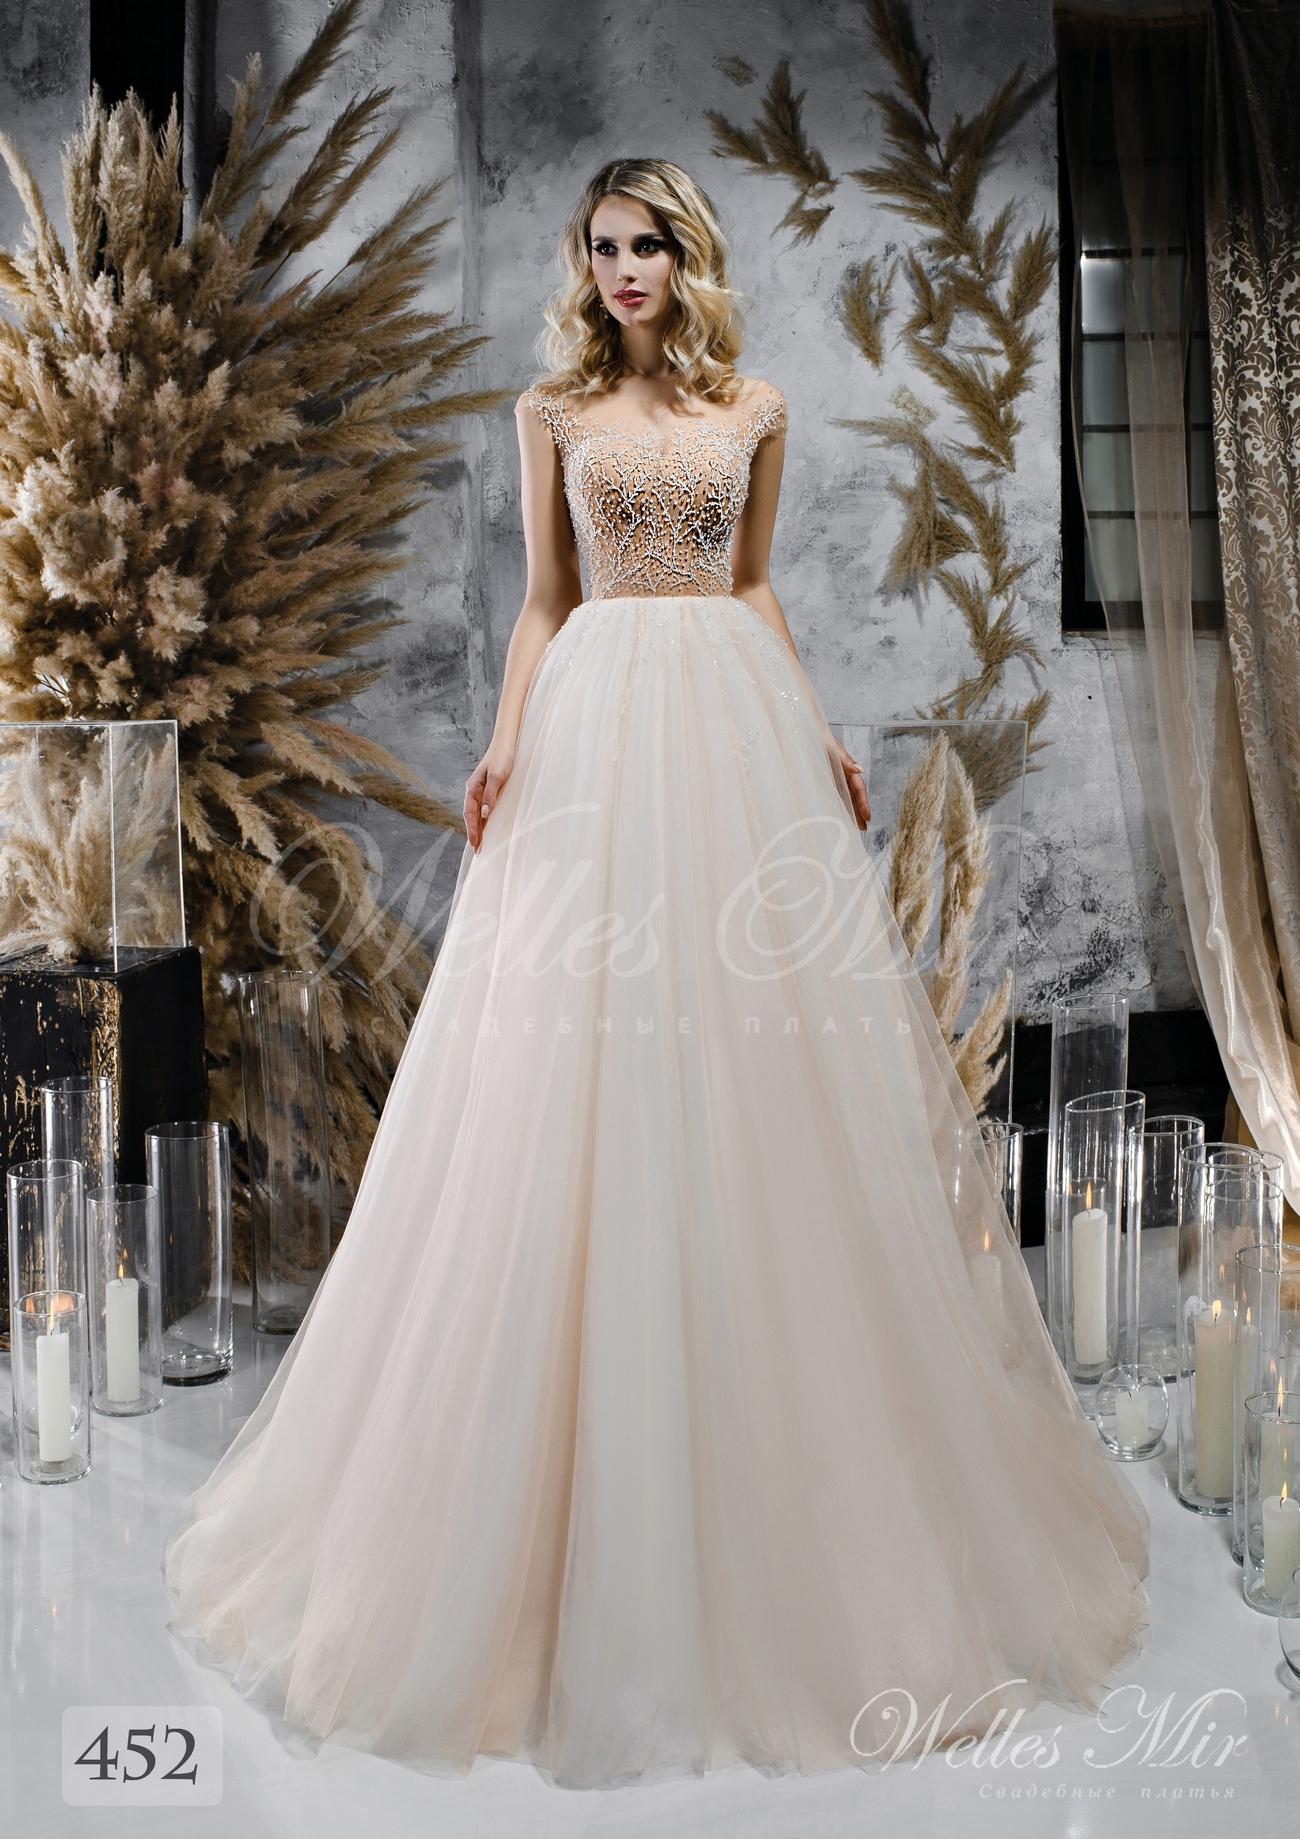 Весільна сукня з розшитим верхи на тілесній основі оптом від WellesMir